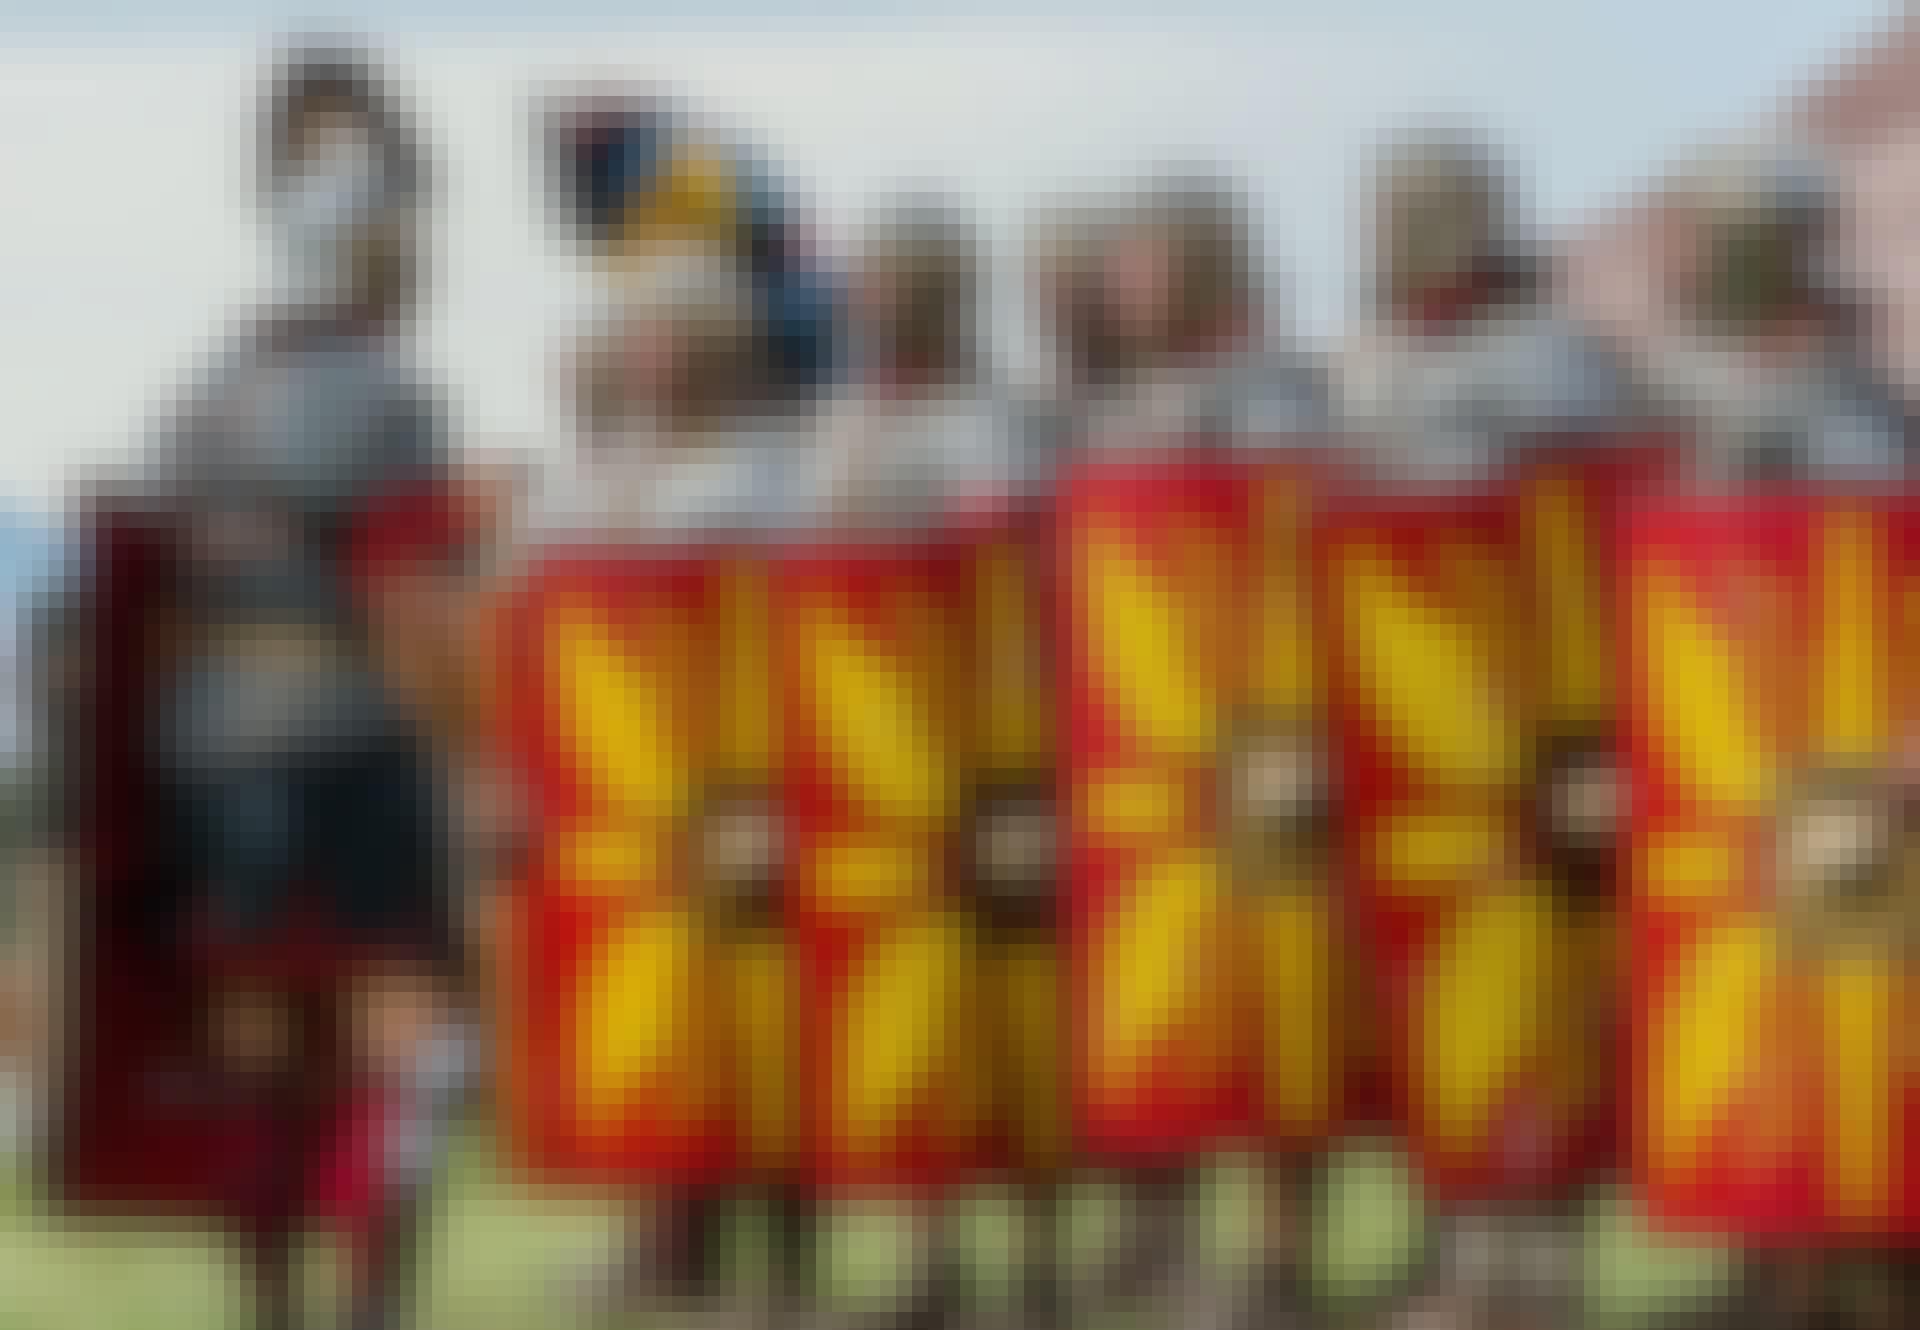 Rooma legioona kenturia